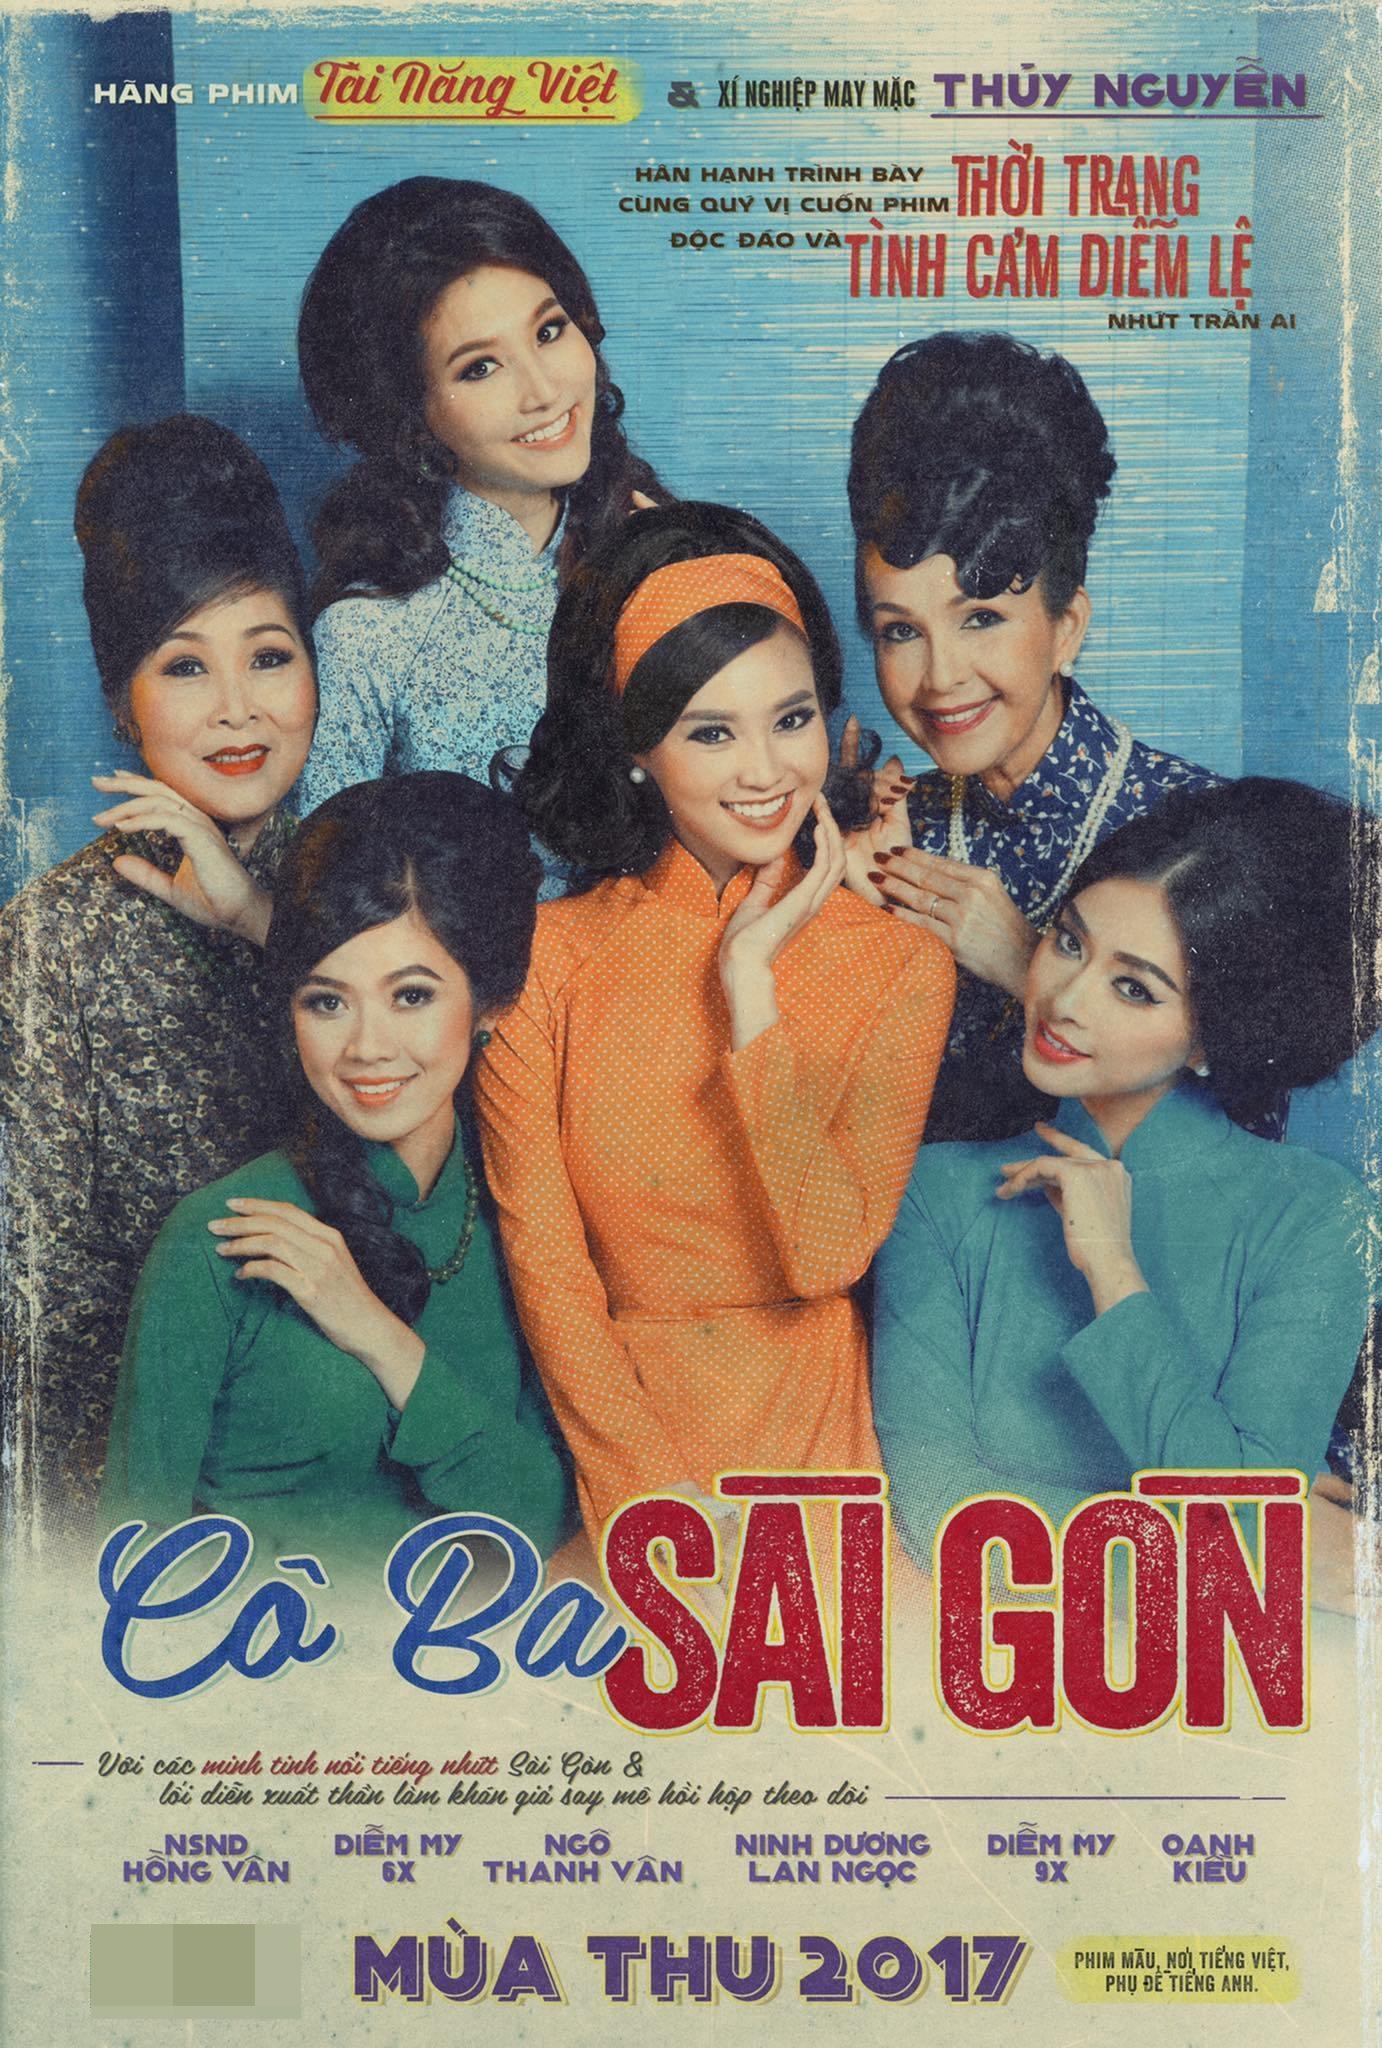 Clip: Người livestream lén Cô Ba Sài Gòn xin lỗi, mong được giơ cao đánh khẽ-4